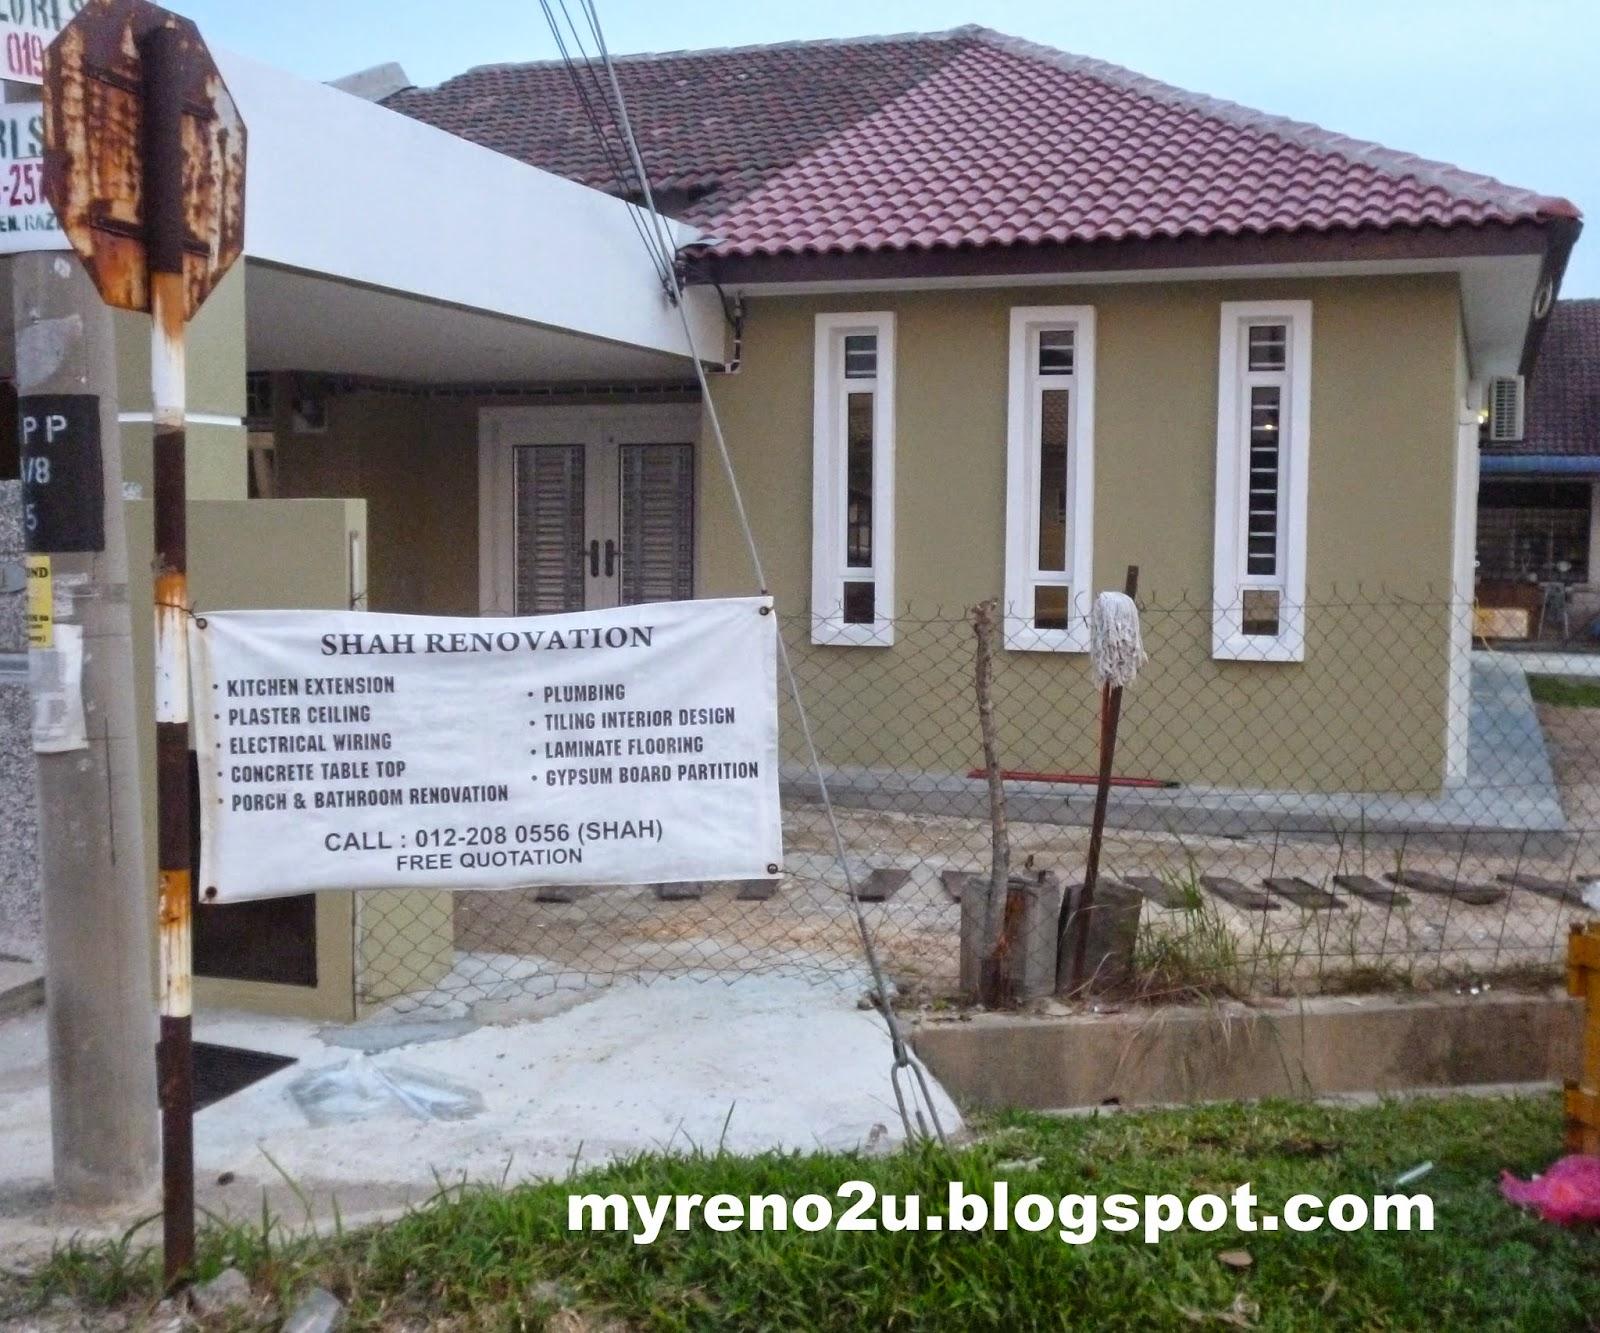 Ubahsuai Rumah Teres - MyReno2U